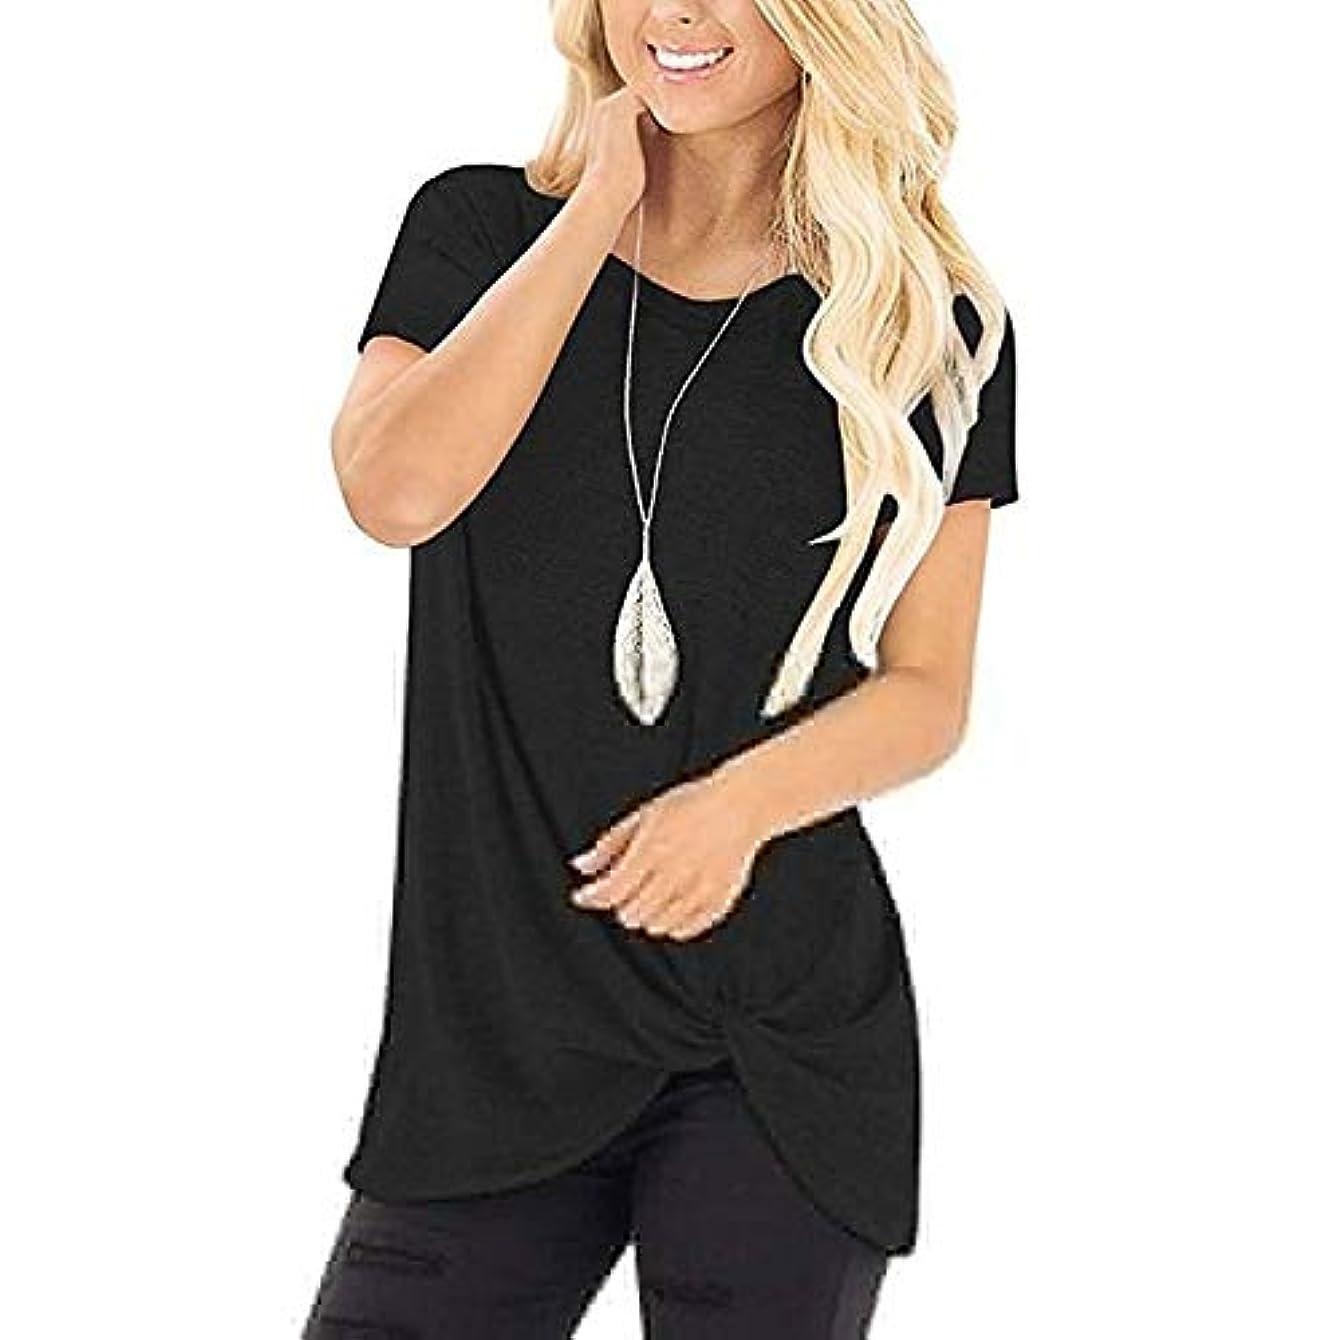 アデレード故意のモールス信号MIFAN コットンTシャツ、カジュアルTシャツ、レディースブラウス、トップス&Tシャツ、プラスサイズ、ルーズtシャツ